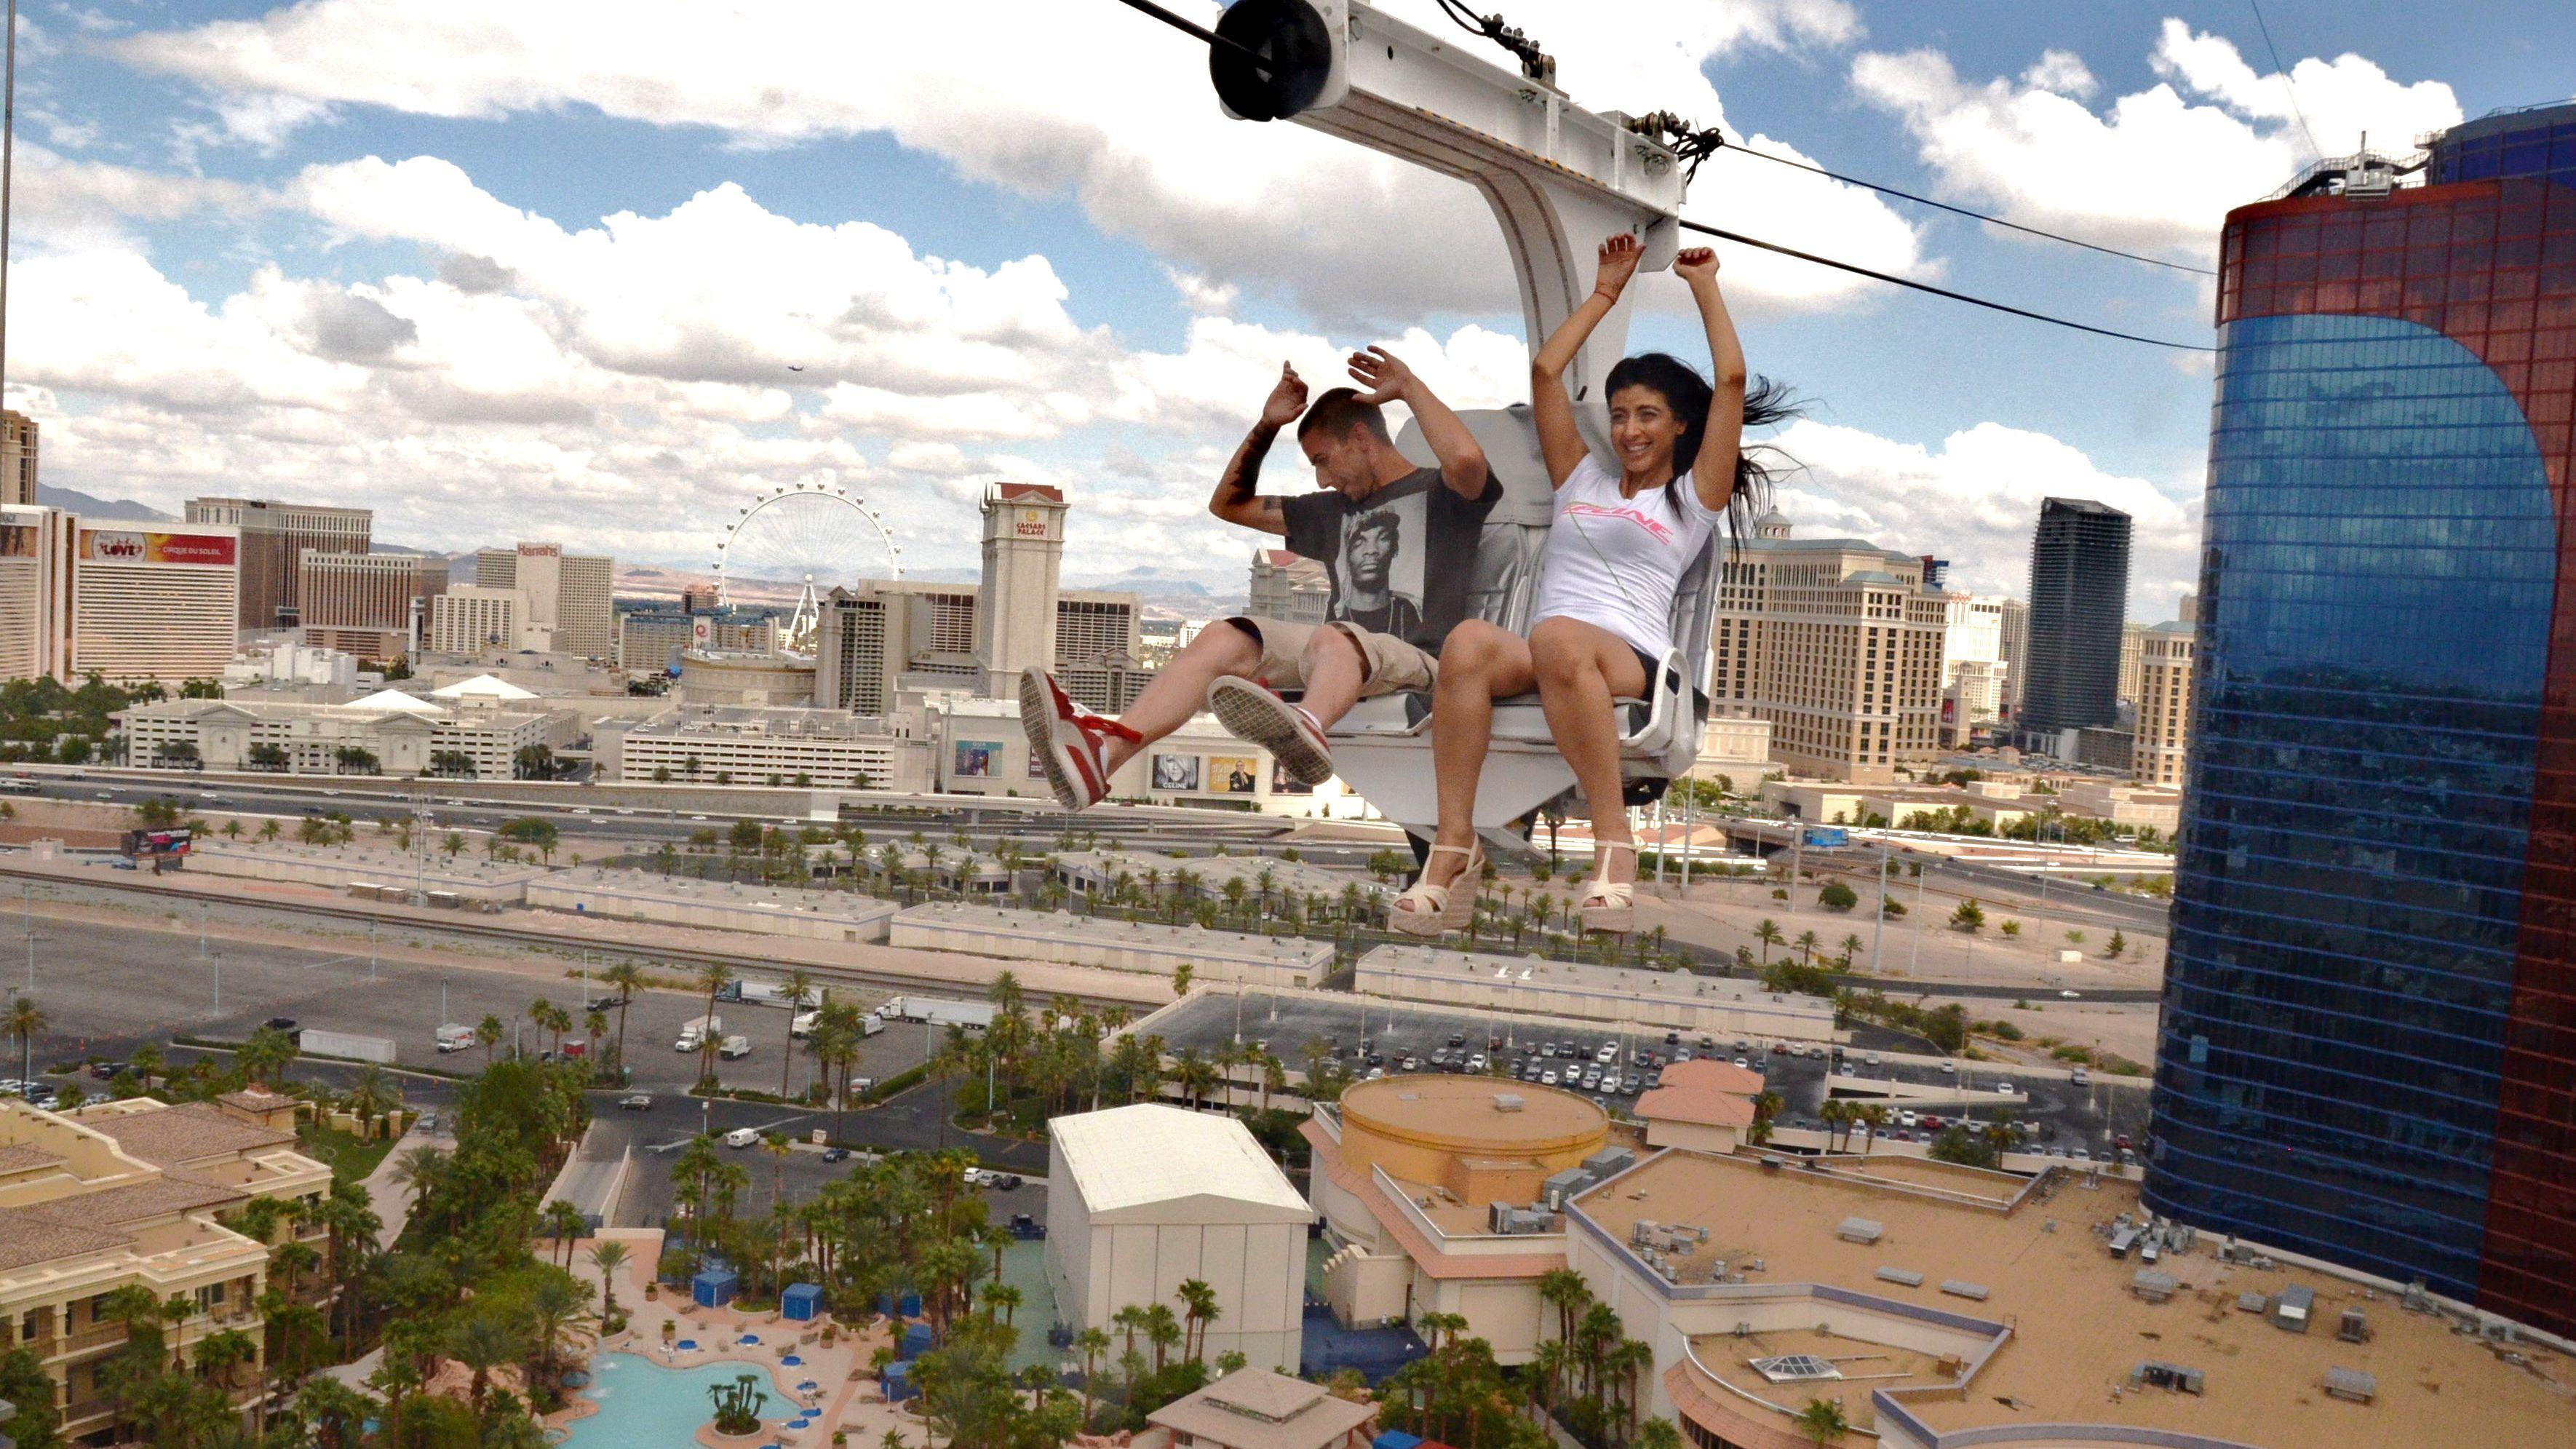 Lanzarse en la tirolina VooDoo Zipline del Rio